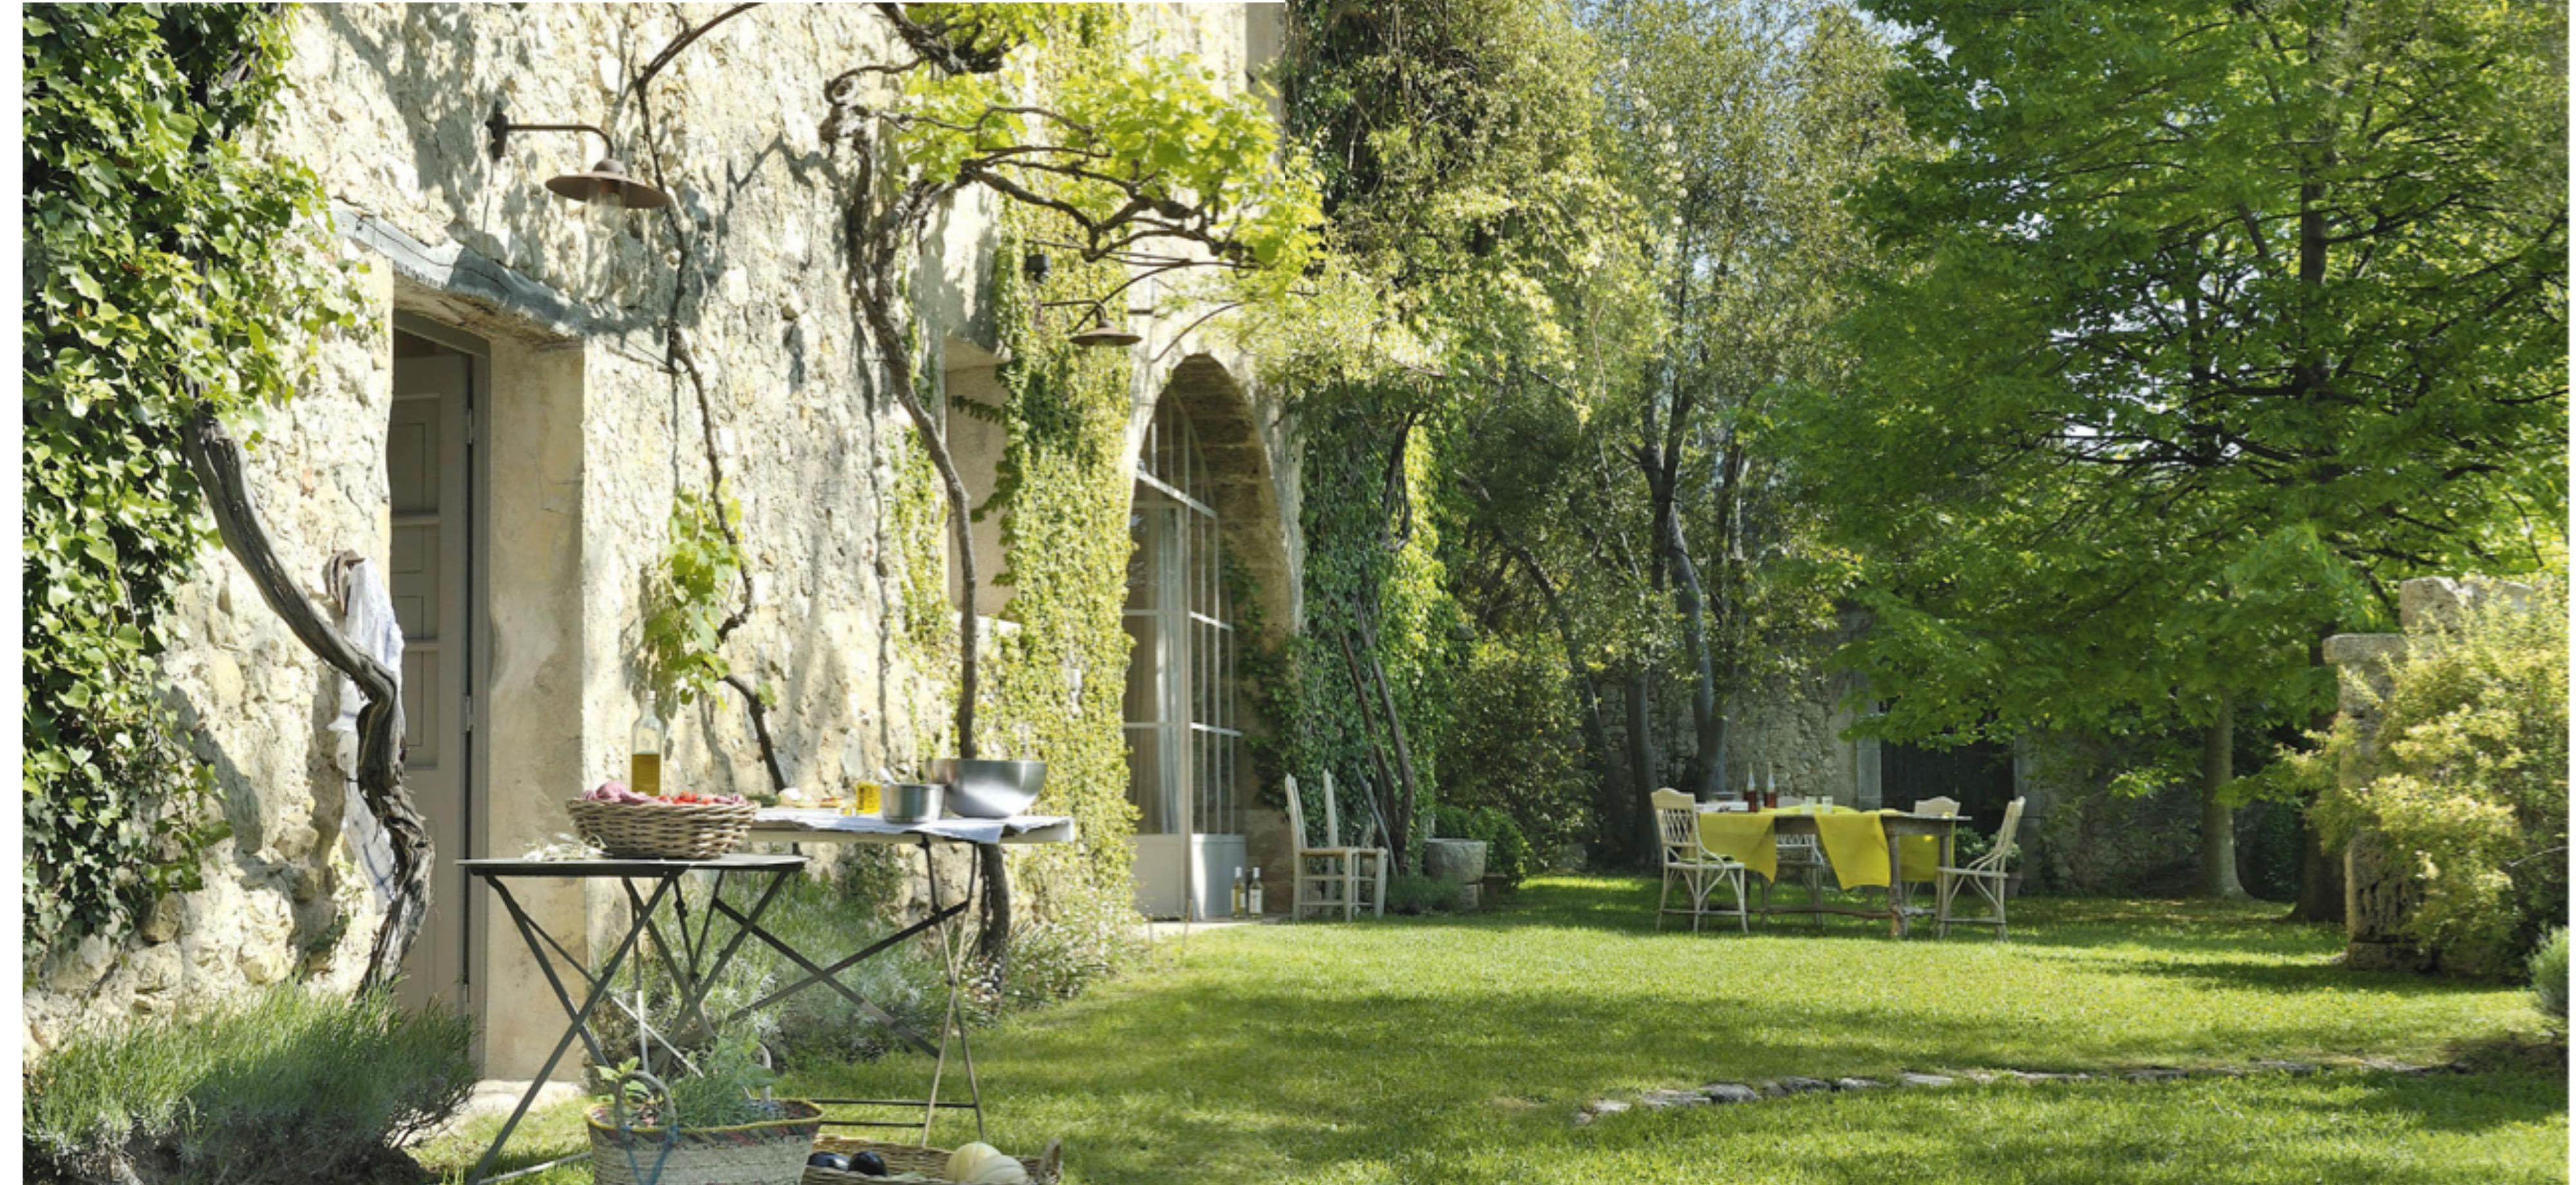 Casale in provenza un equilibrio tra sfarzo e semplicit for Architetti interni famosi